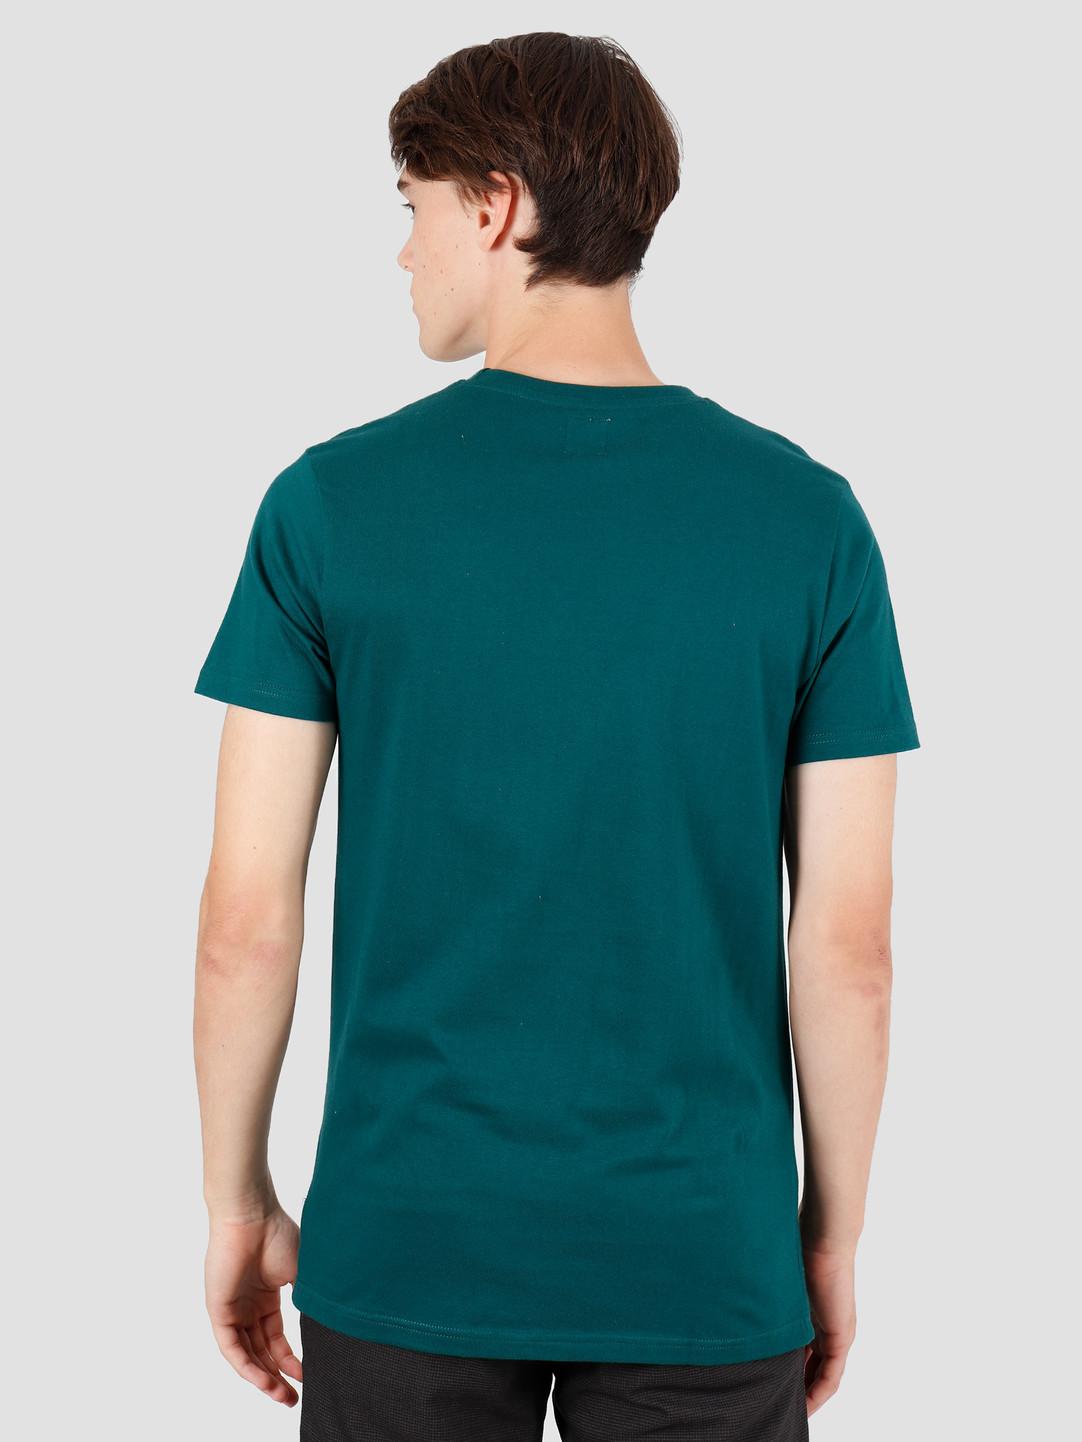 Wemoto Wemoto Day T-Shirt Dark Green 141.101-639